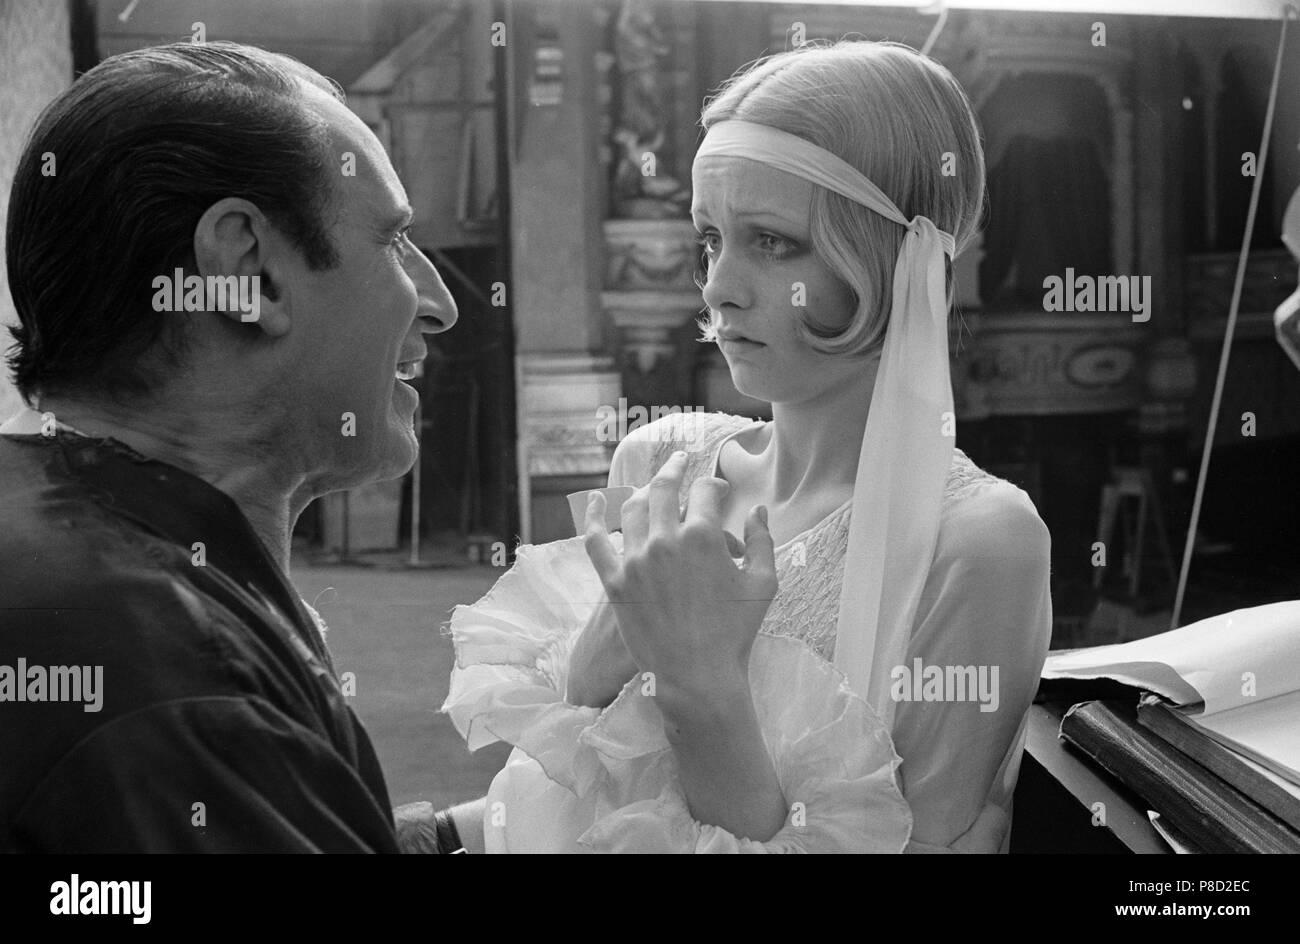 The Boyfriend (1971) Twiggy, Max Adrian     Date: 1971 - Stock Image